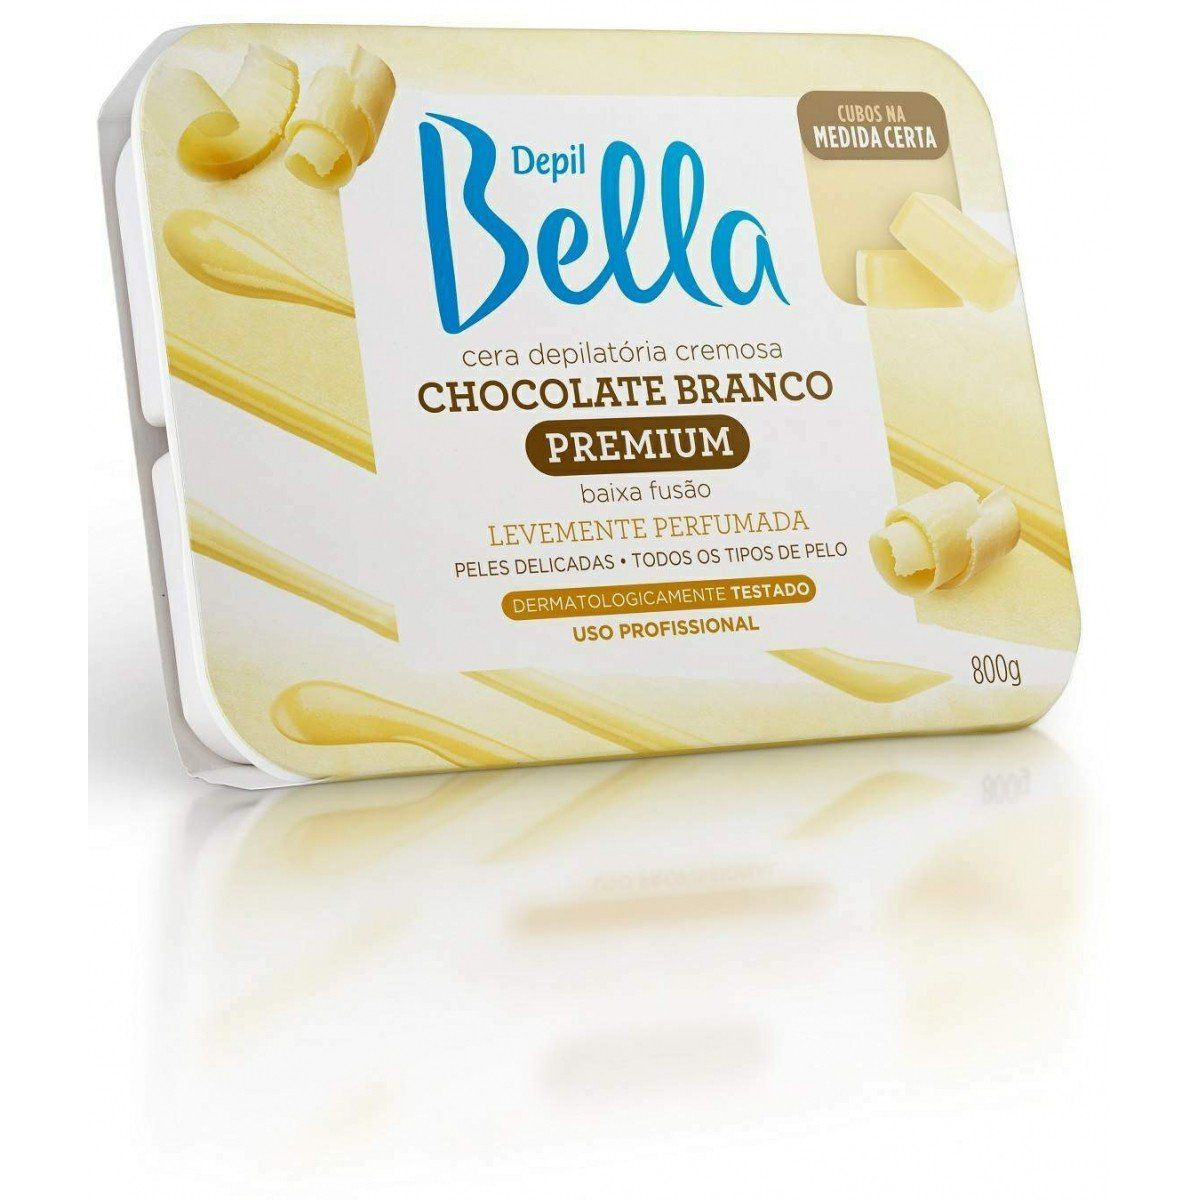 Cera Depilatória em Barra de Chocolate Branco Depil Bella